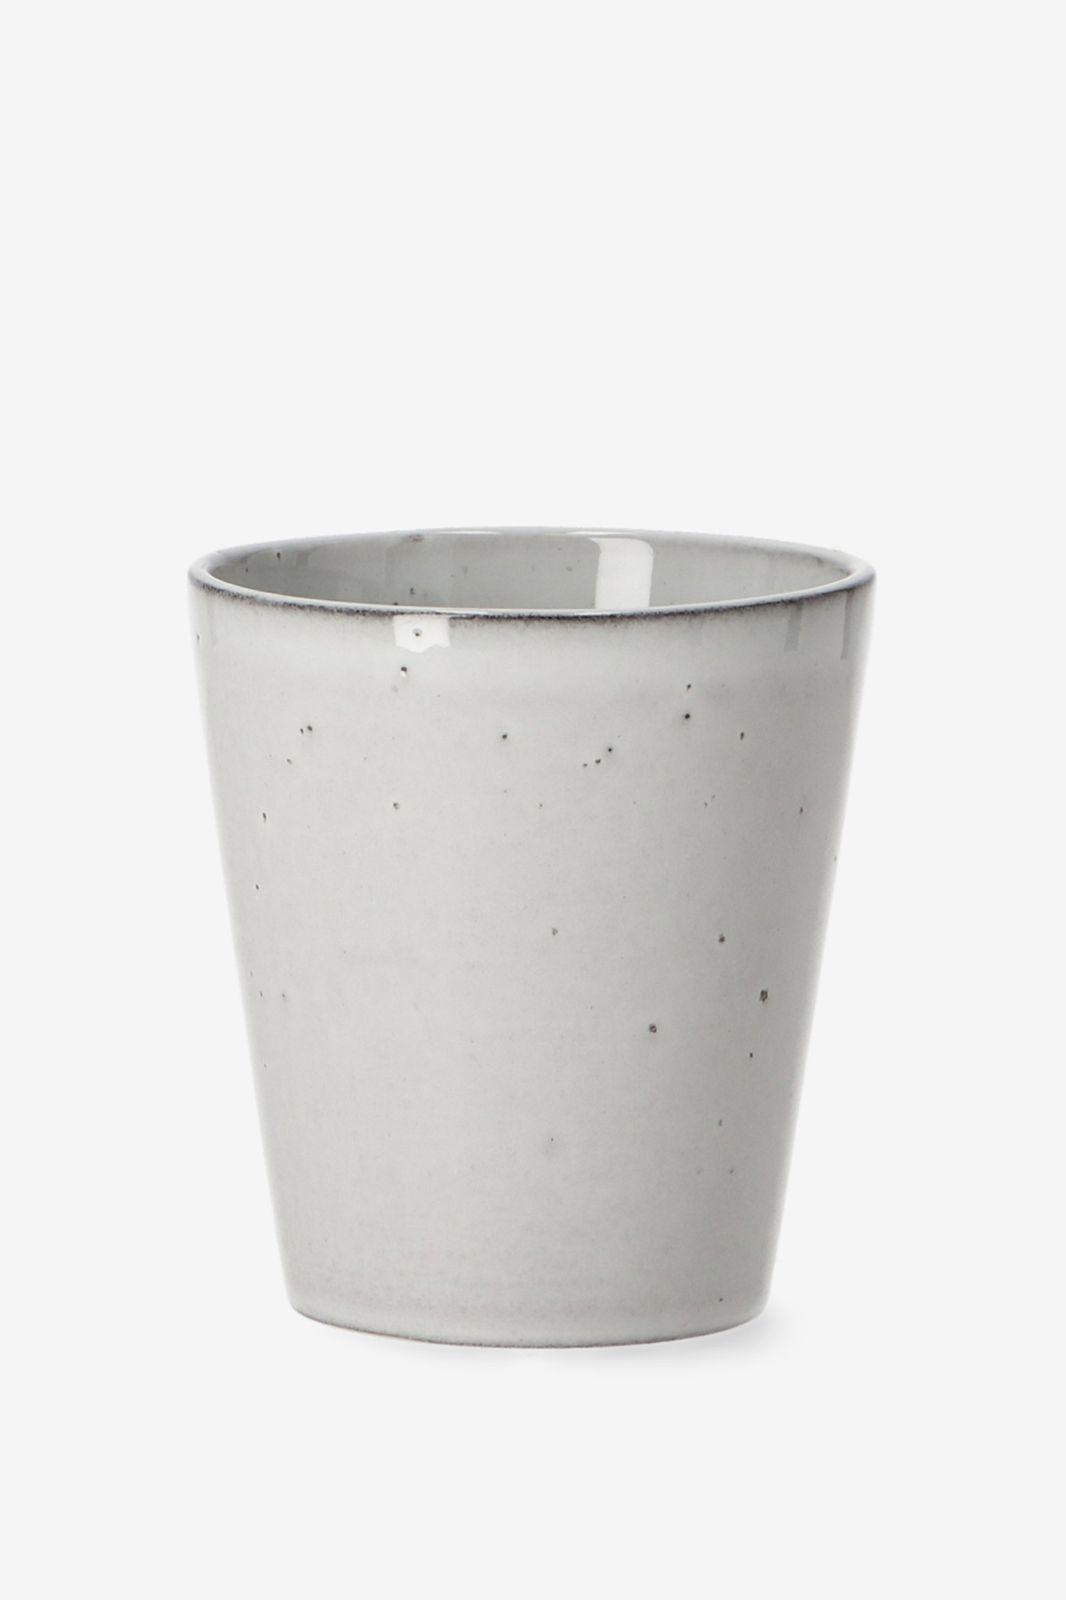 Mok grey glaze